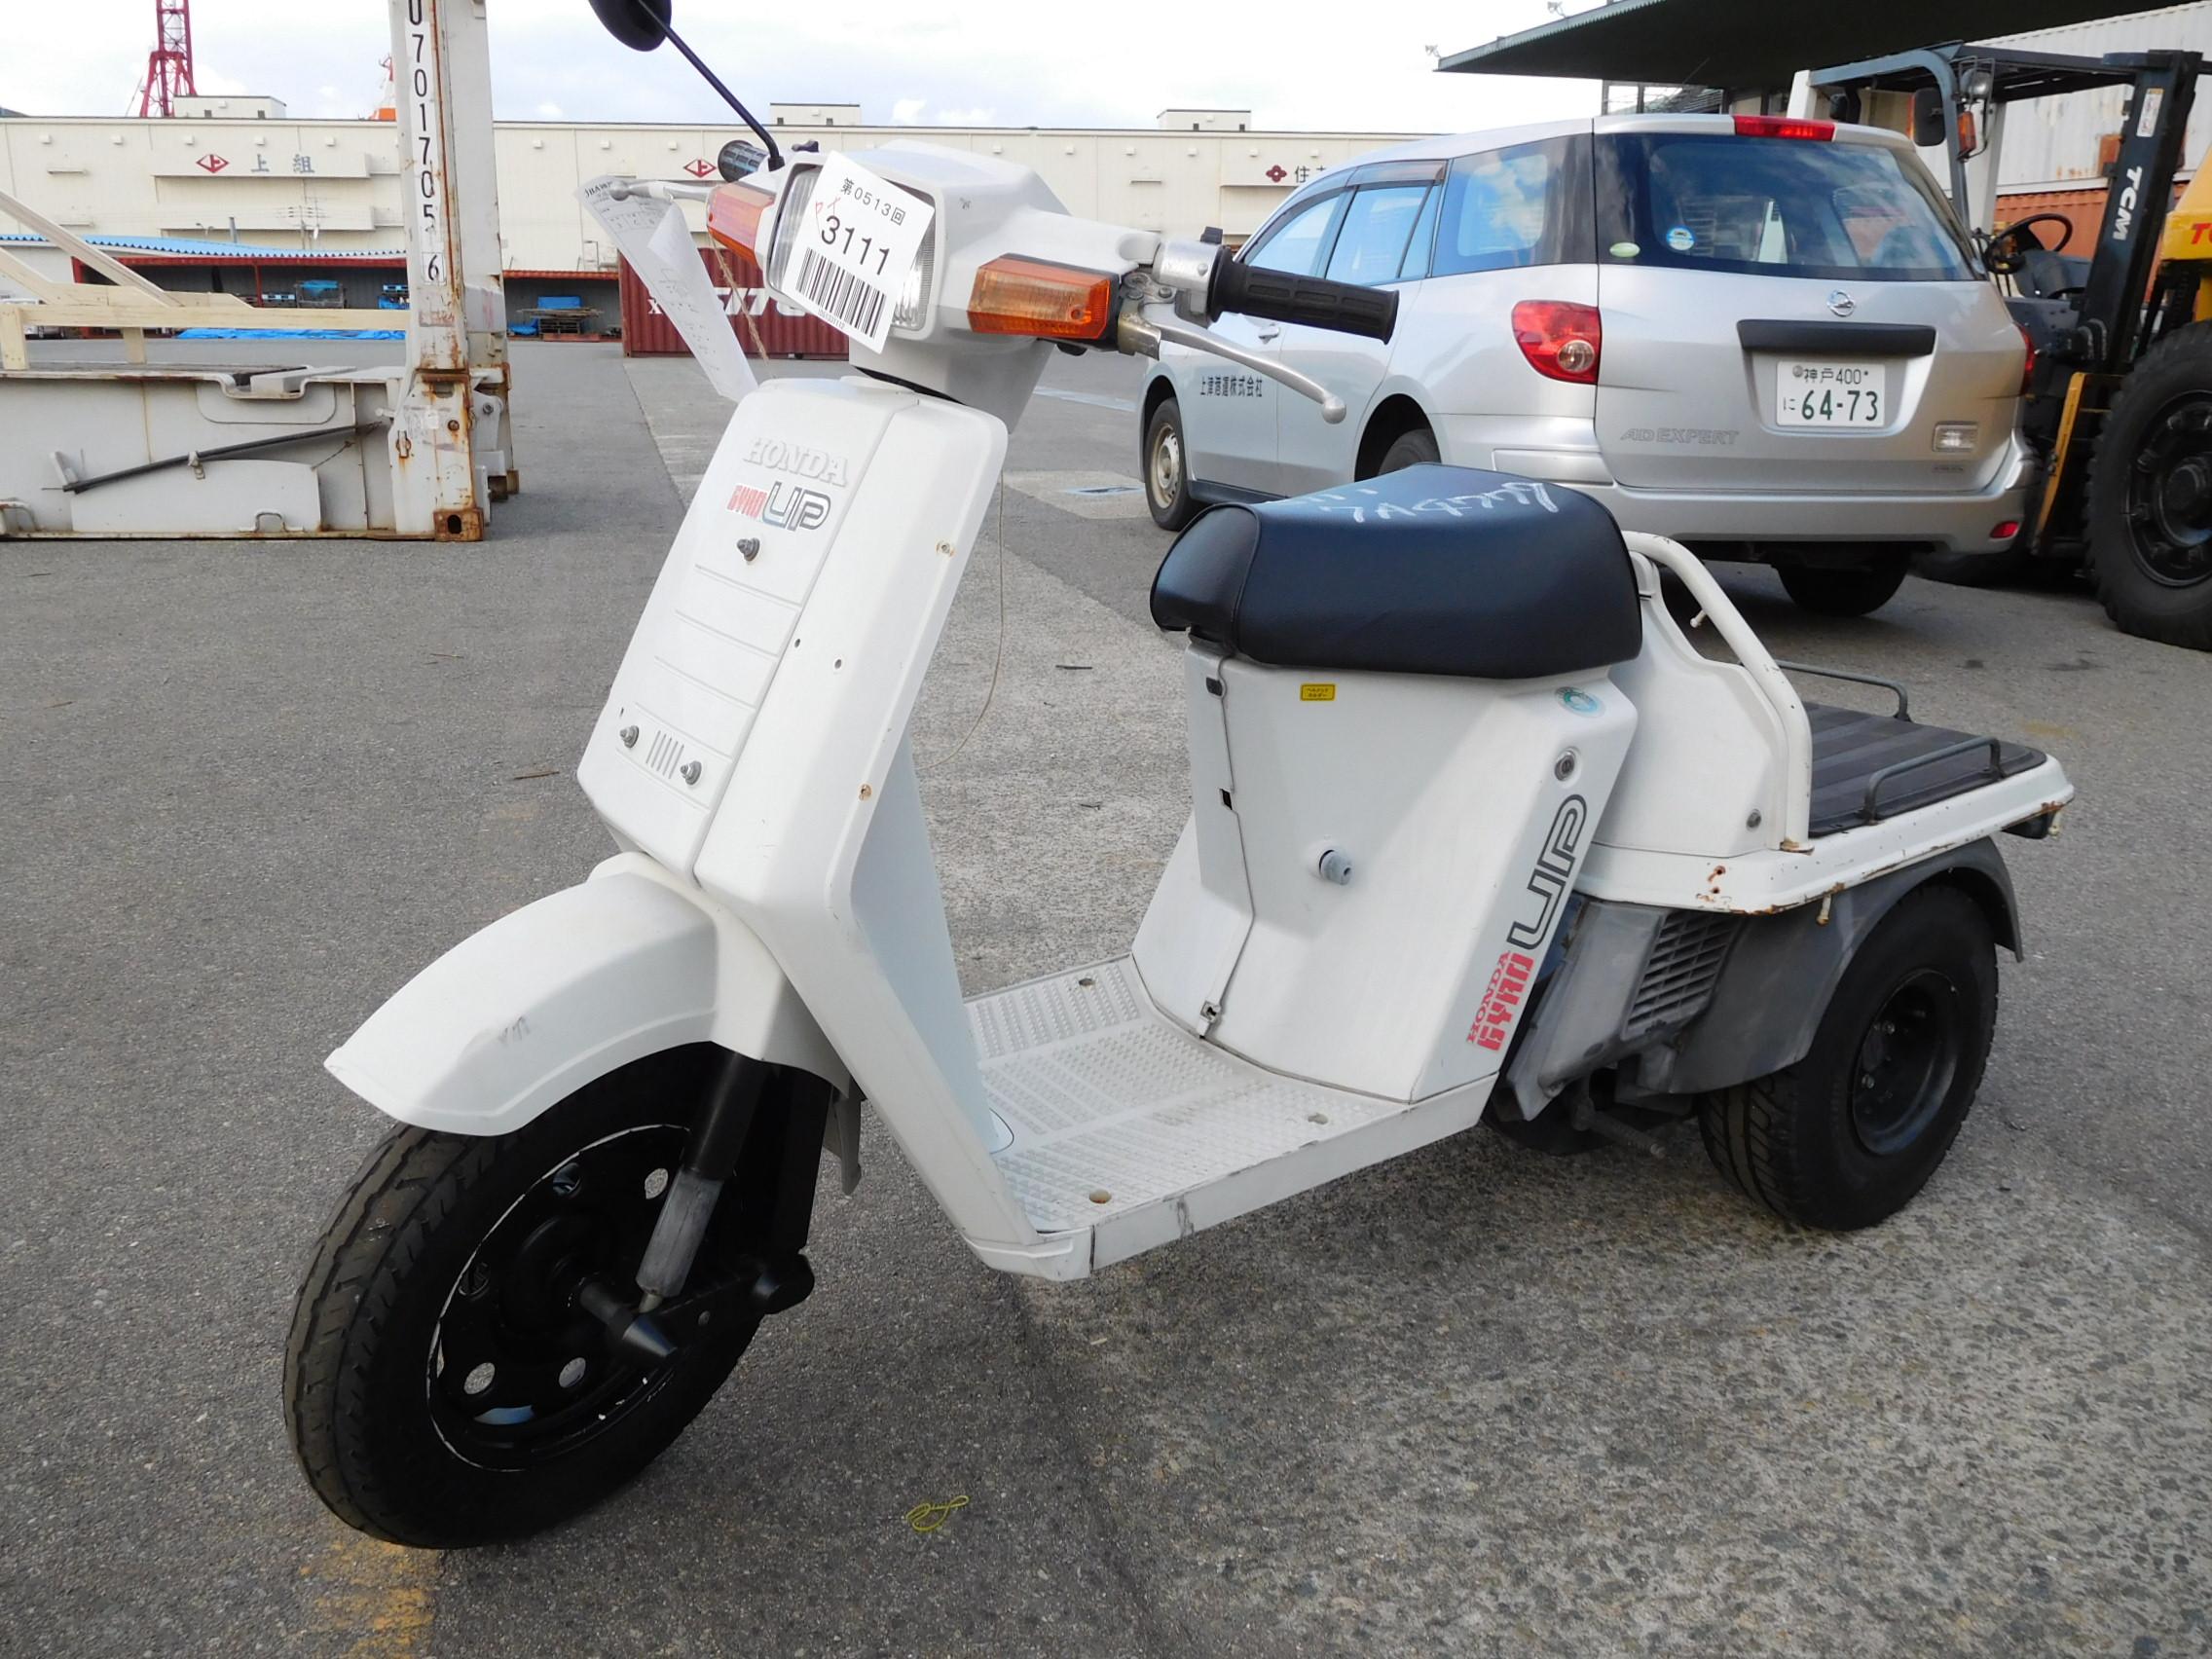 Скутер Honda Gyro-X - продажа скутеров из Японии купить ...